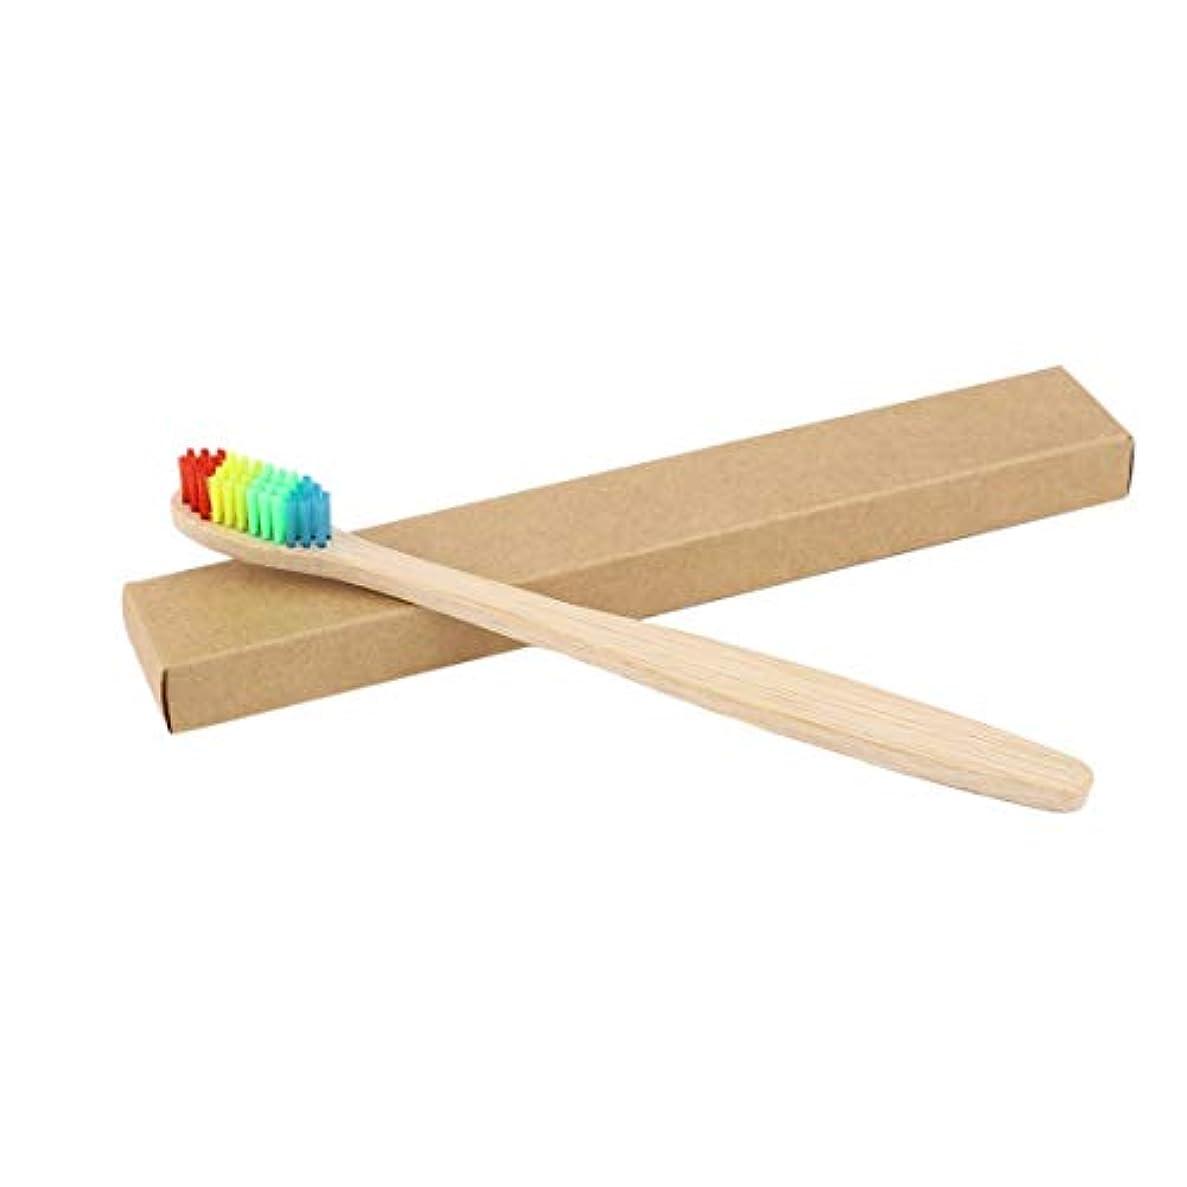 パーティーエンティティ照らすカラフルな髪+竹のハンドル歯ブラシ環境木製の虹竹の歯ブラシオーラルケアソフト剛毛ユニセックス - ウッドカラー+カラフル